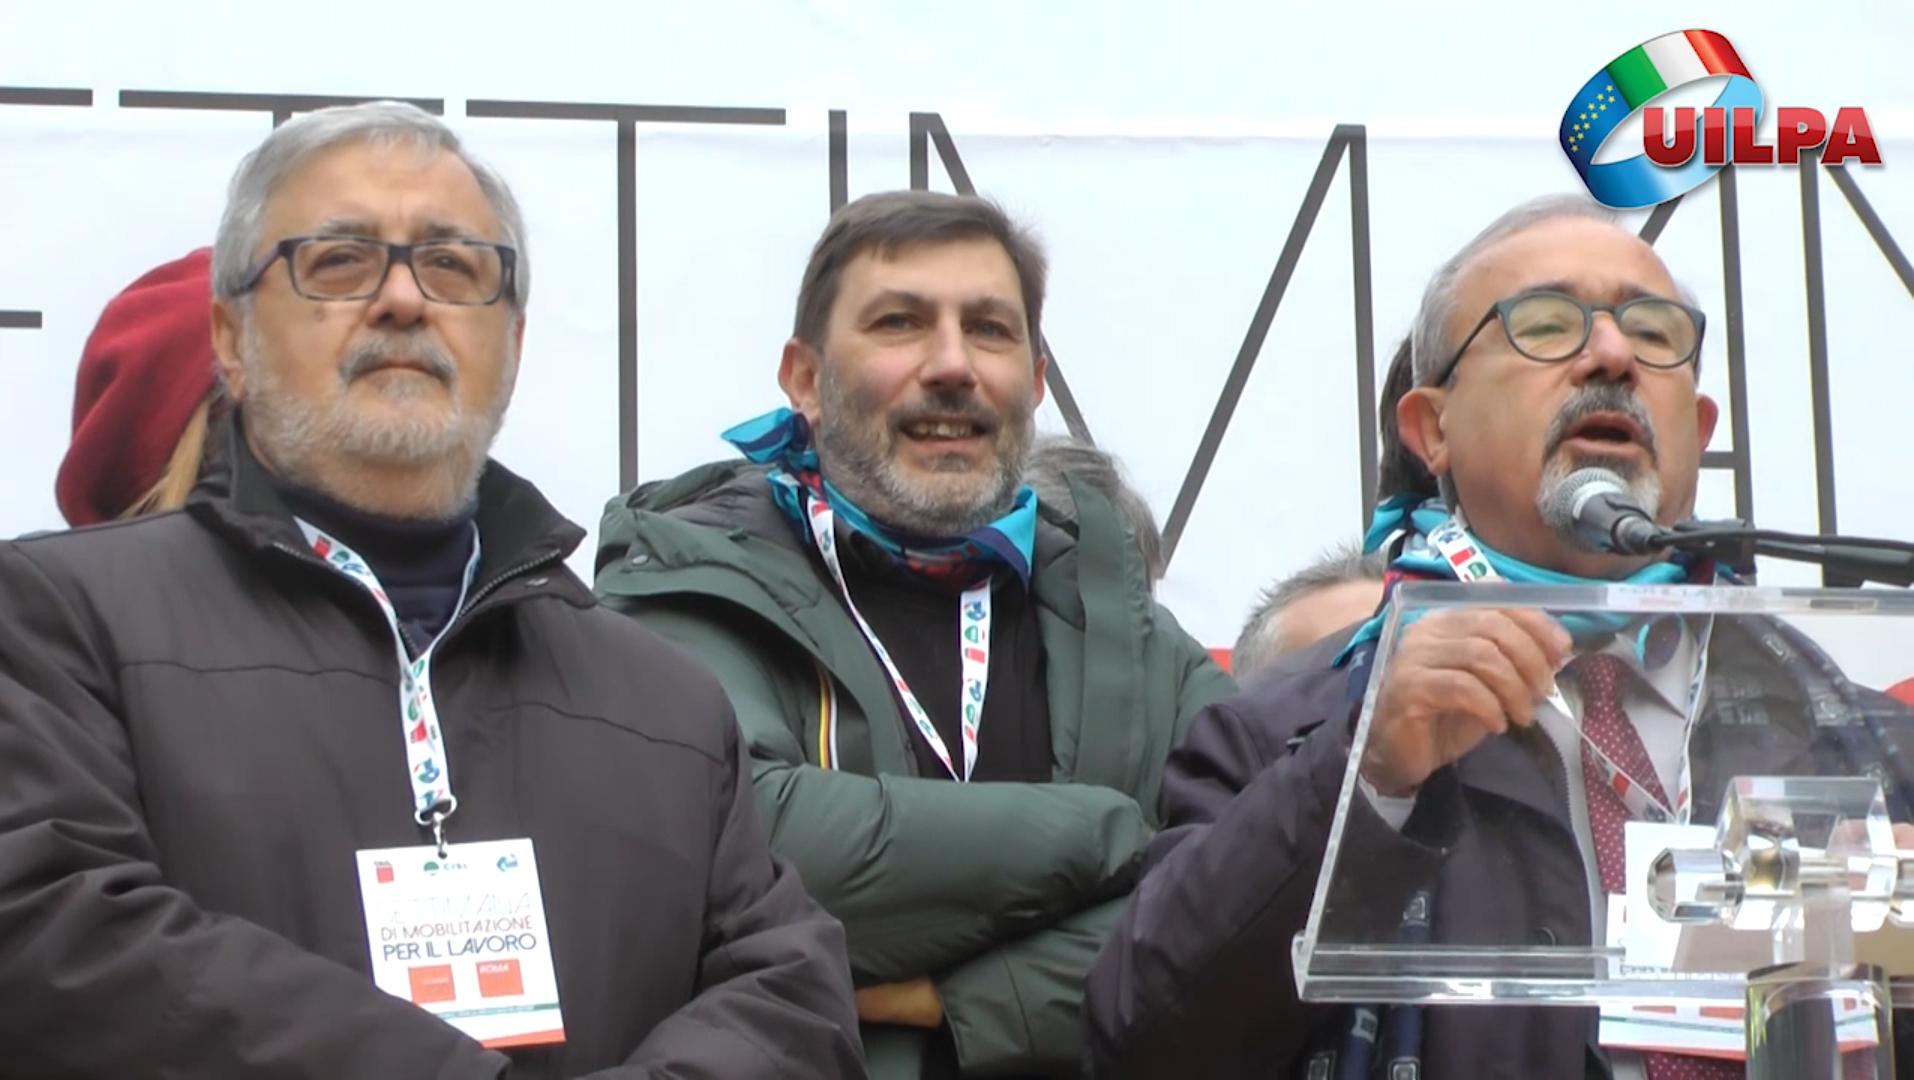 VIDEO | Mobilitazione unitaria per il lavoro, ecco il servizio UILPA della giornata in piazza Santi Apostoli